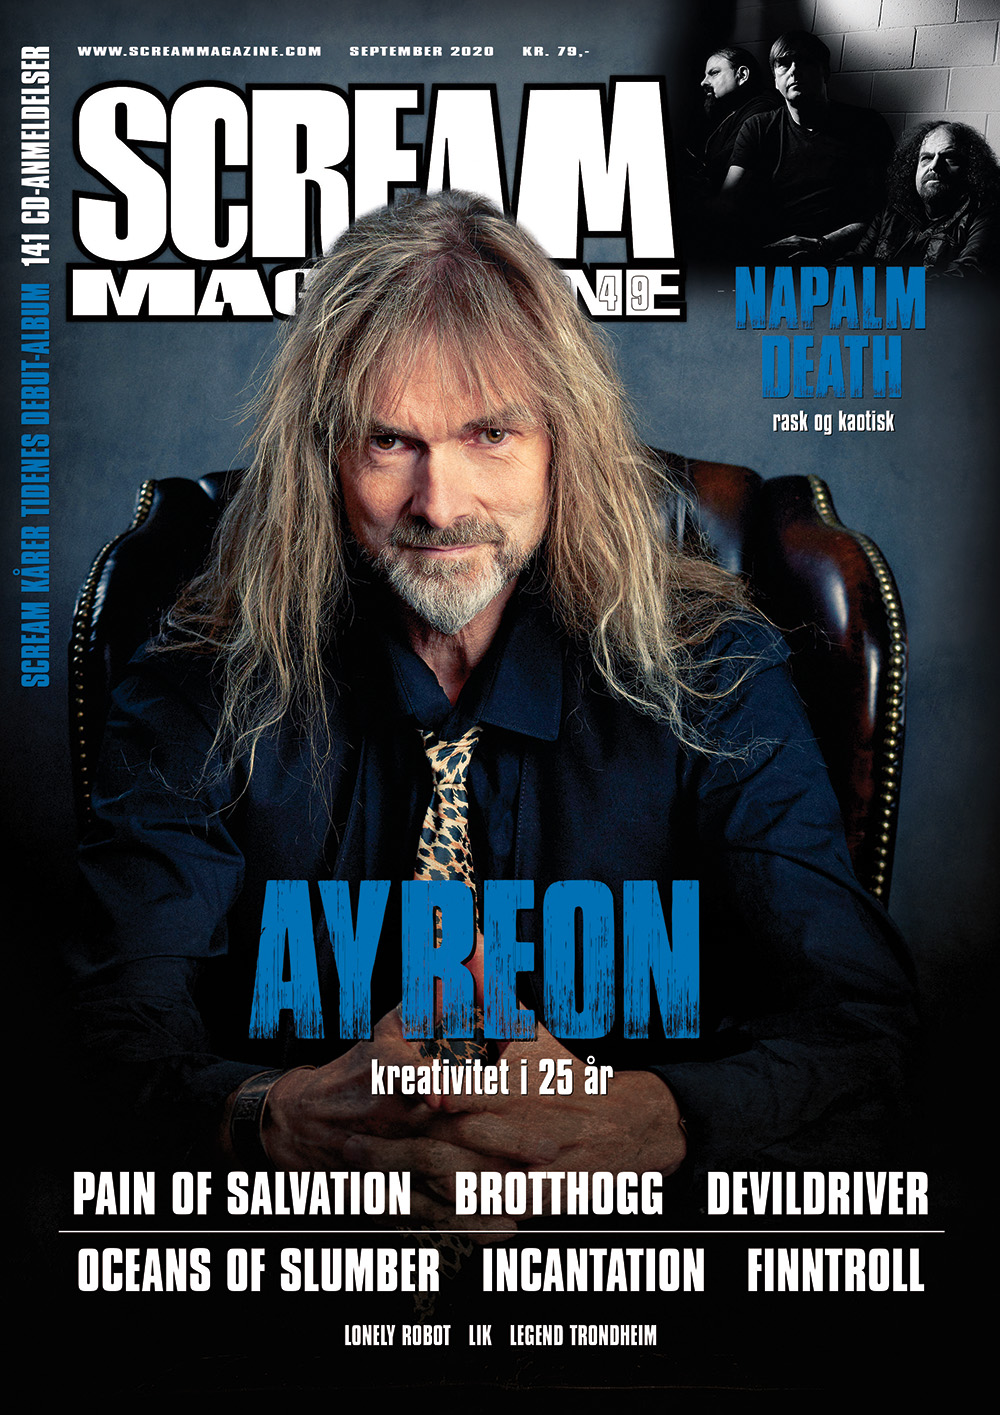 Scream Magazine #249